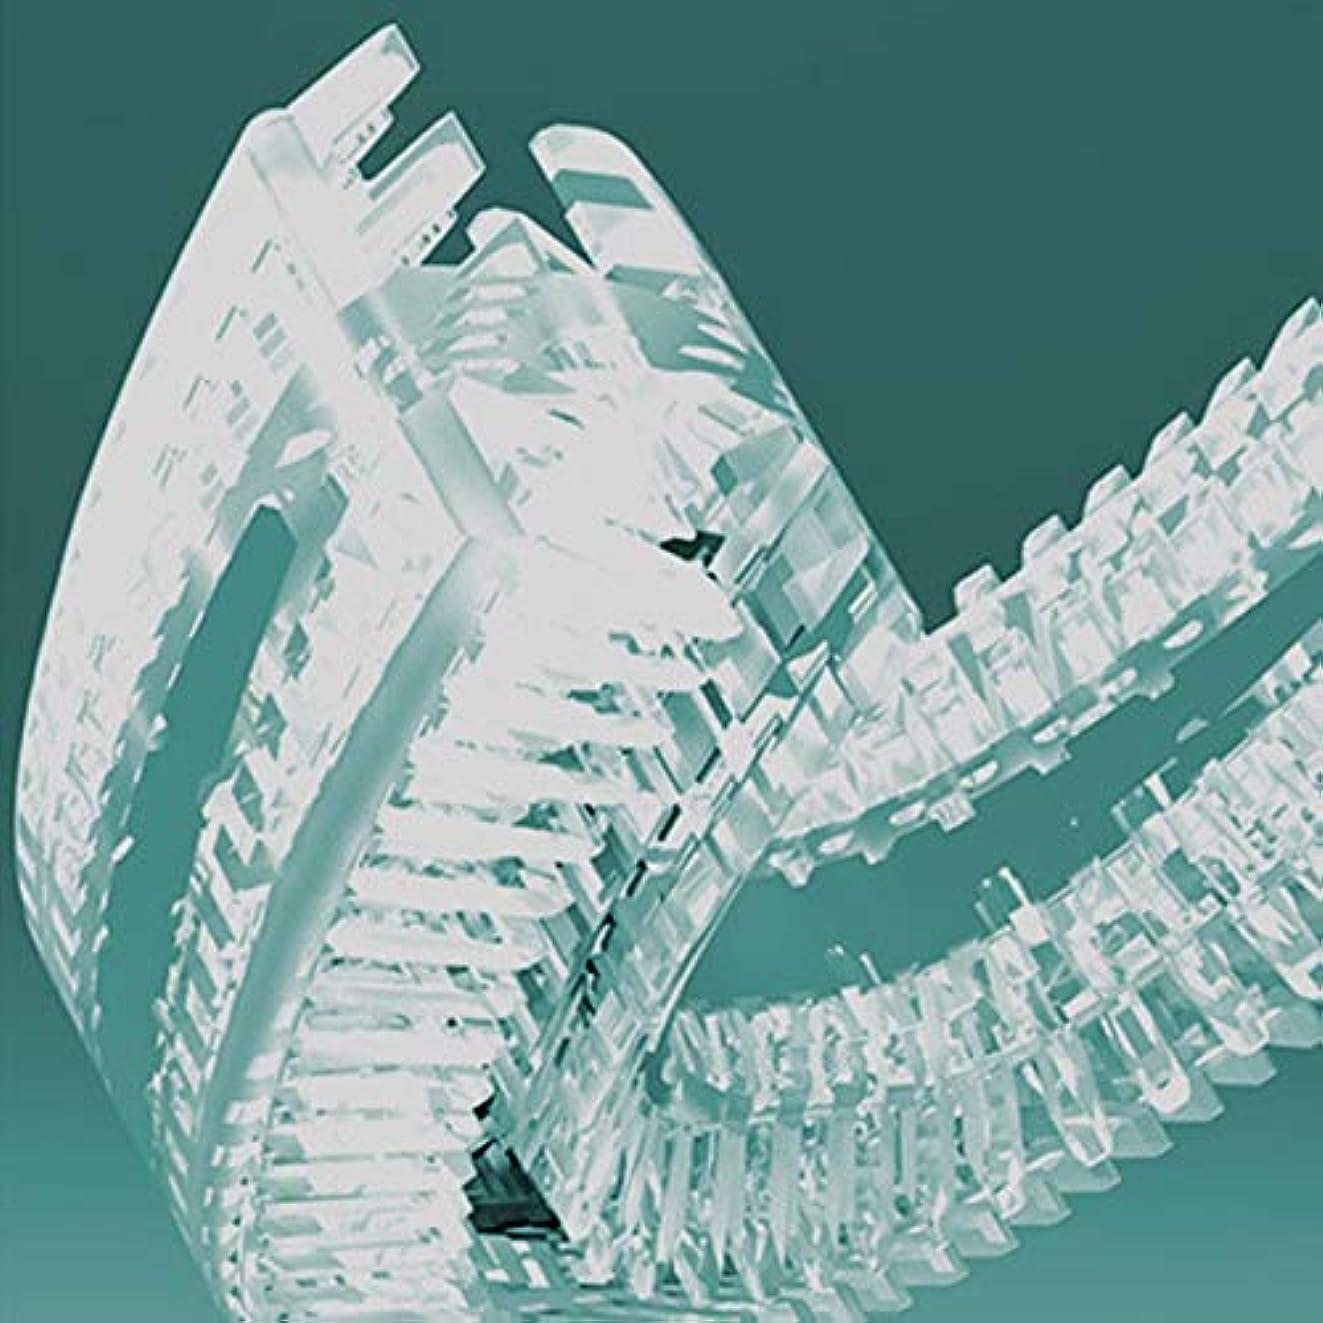 コンパニオン悲劇的な平凡V-white 360 Intelligent Automatic Sonic Electric Toothbrush U Type USB Rechargeable Oral Teeth Silicone brush...